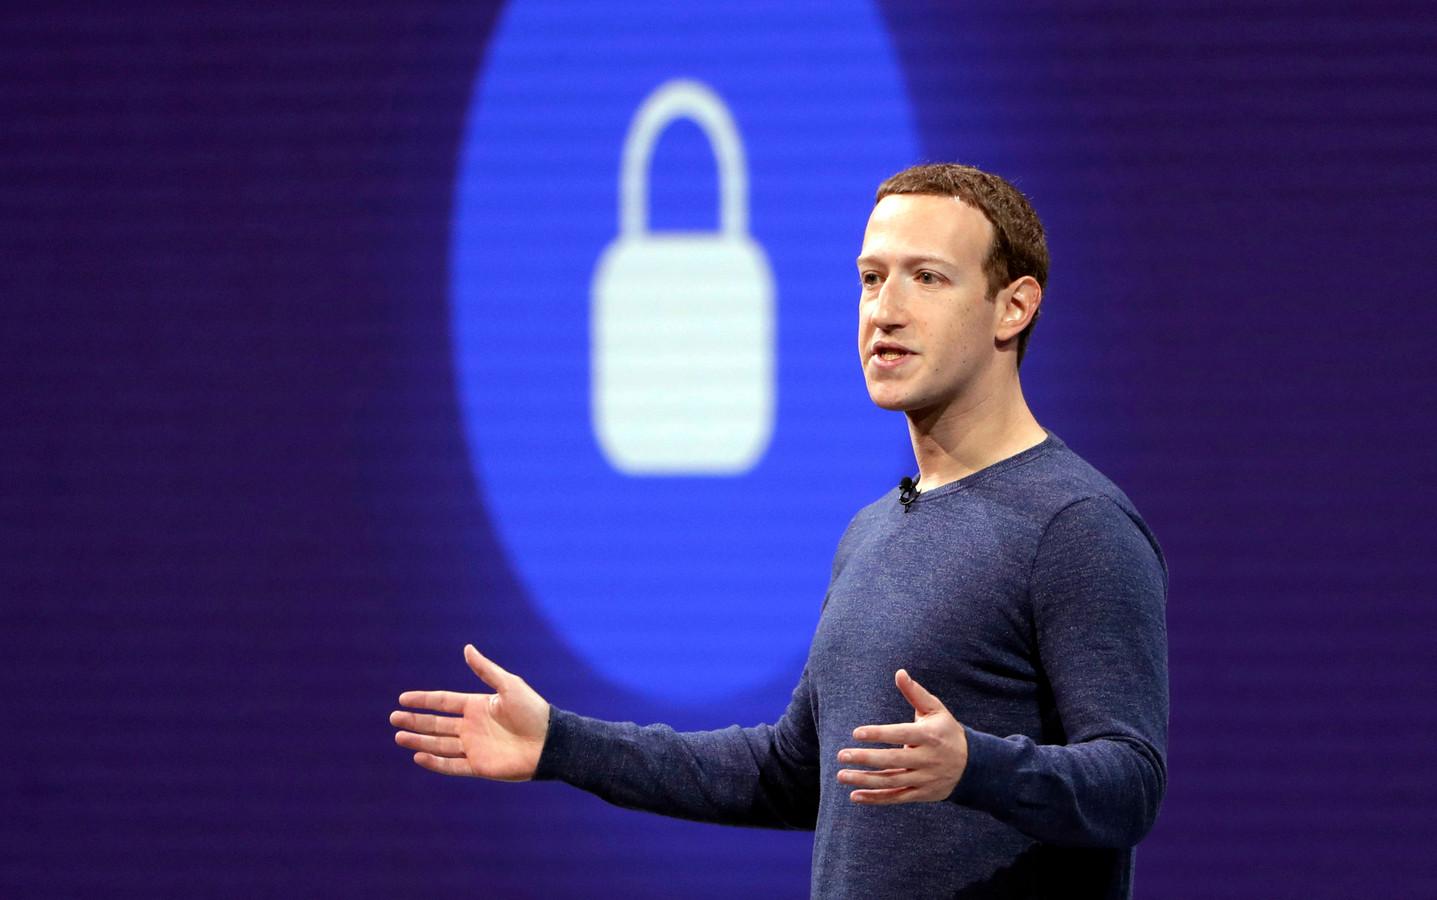 Facebook-CEO Mark Zuckerberg tijdens een speech voor software-ontwikkelaars in San Jose, Californië.